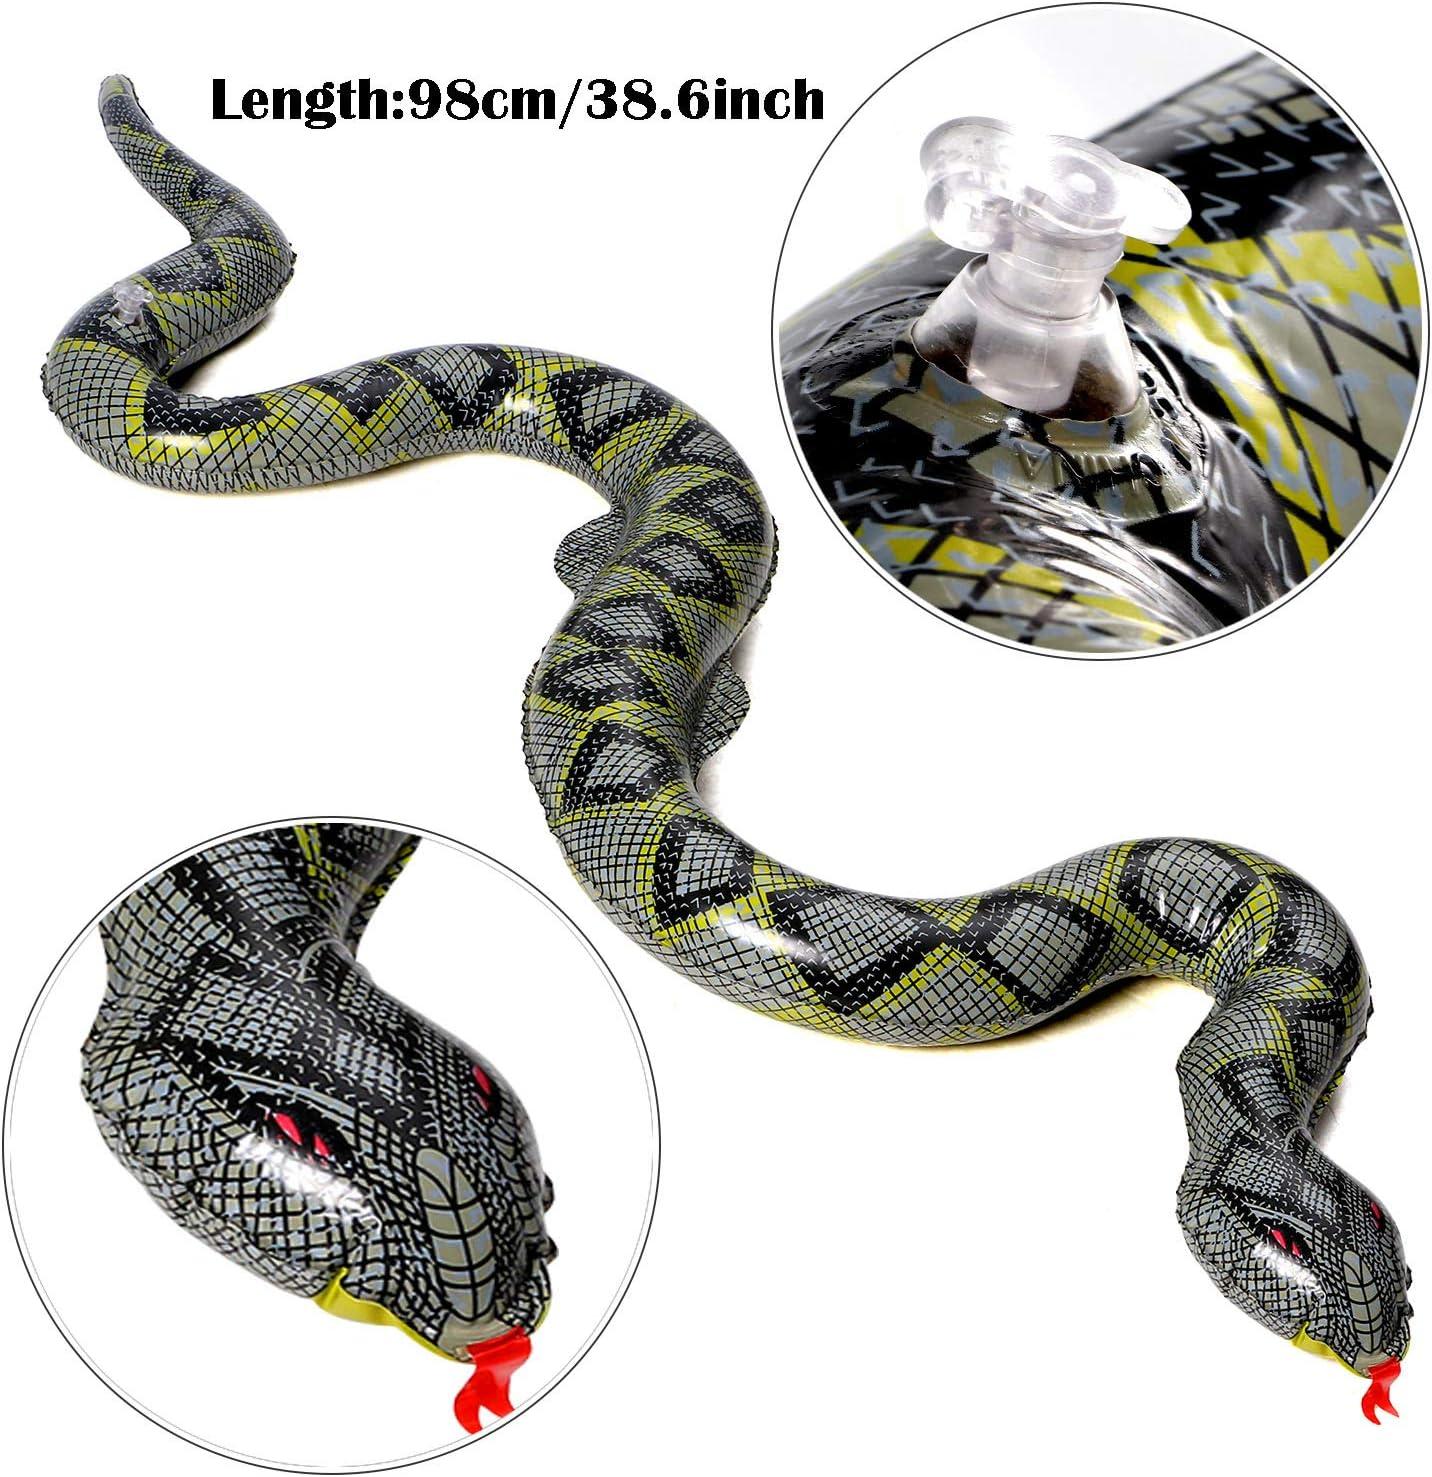 Amazon.com: Joyjon - 3 piezas de serpiente grande de goma ...